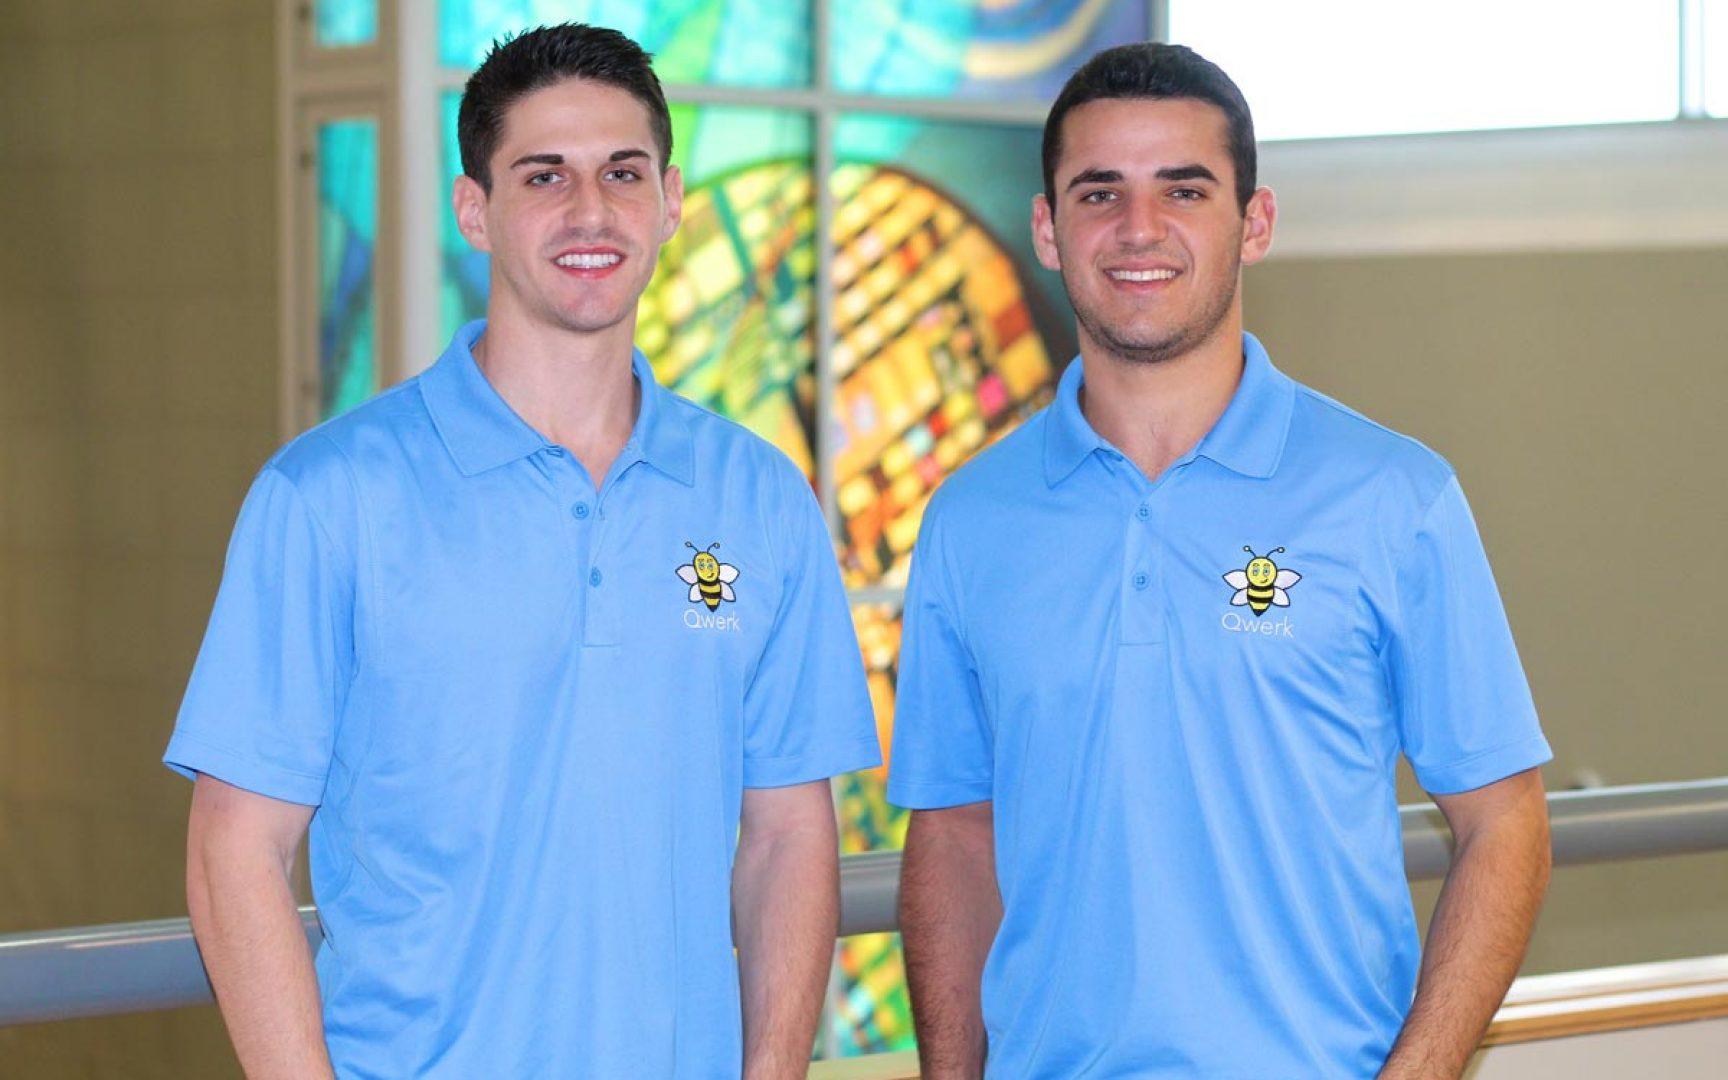 Qwerk founders Jonathan Katz and Alex Schepps